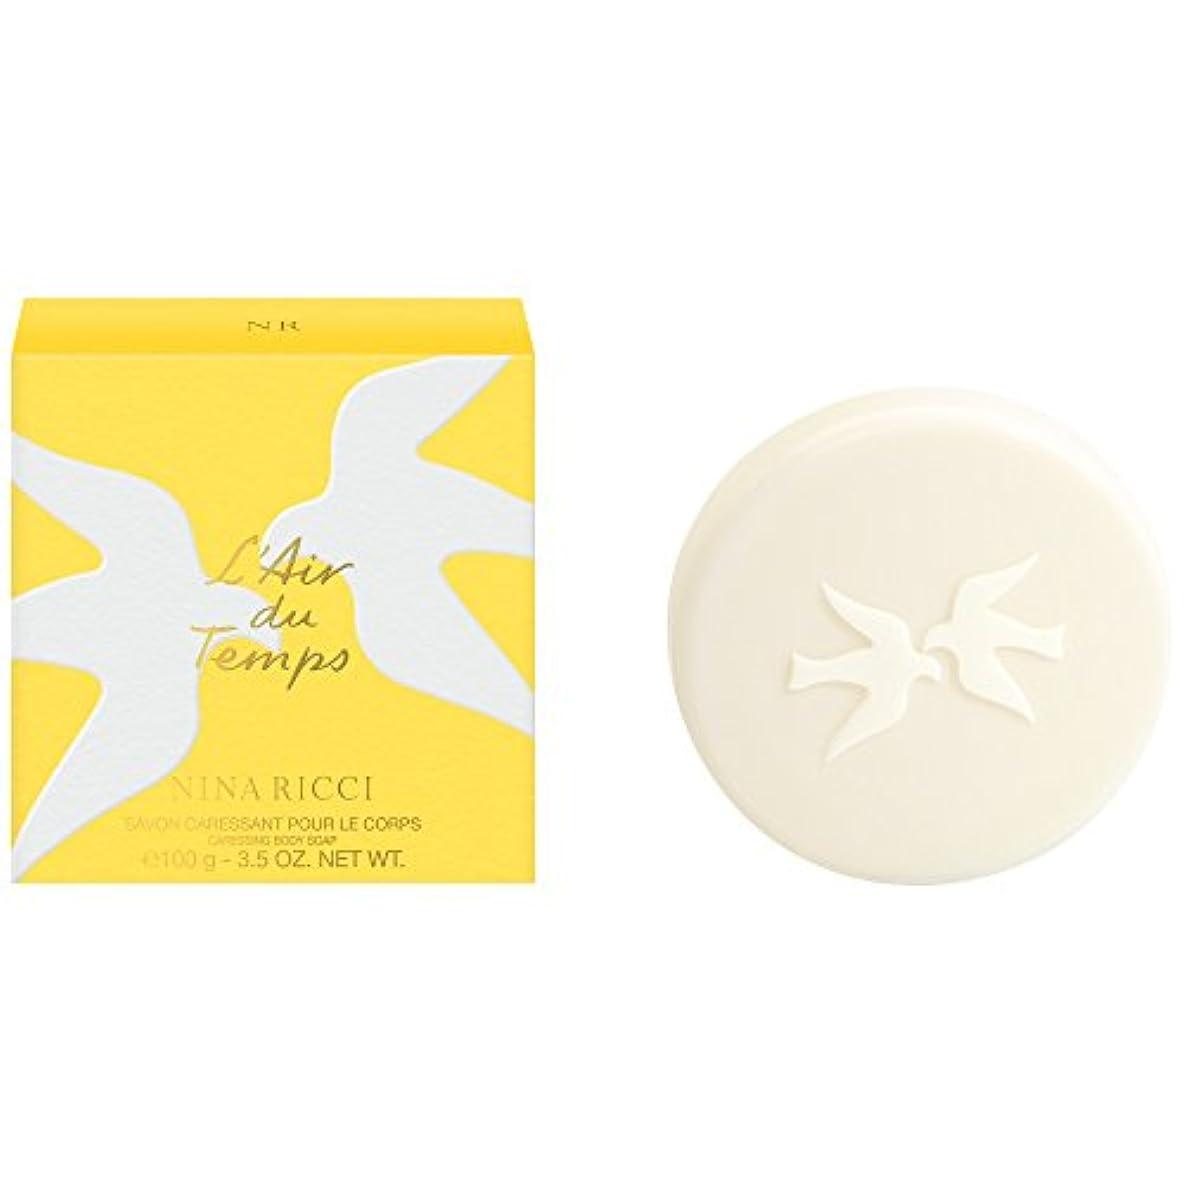 豊富縫うギャンブルニナリッチL'空気デュは石鹸の100グラムをタン (Nina Ricci) - Nina Ricci L'Air du Temps Soap 100g [並行輸入品]